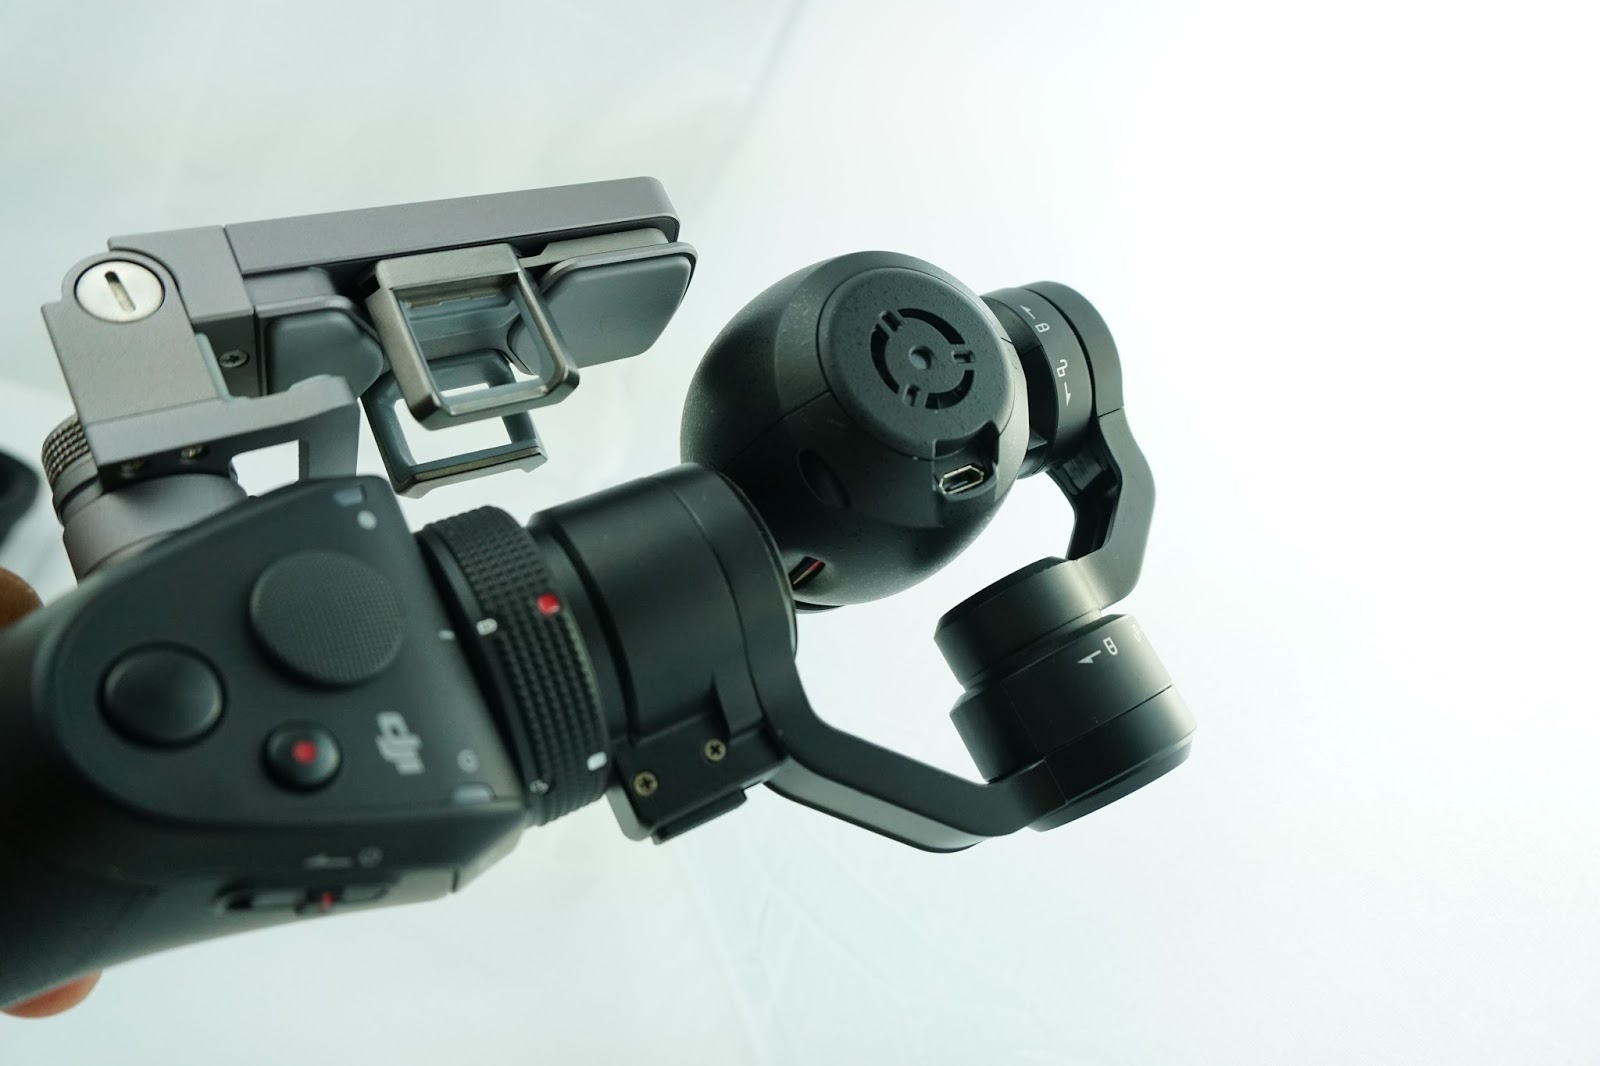 DJI Osmo Camera là lựa chọn phù hợp cho các nhà làm phim không chuyên